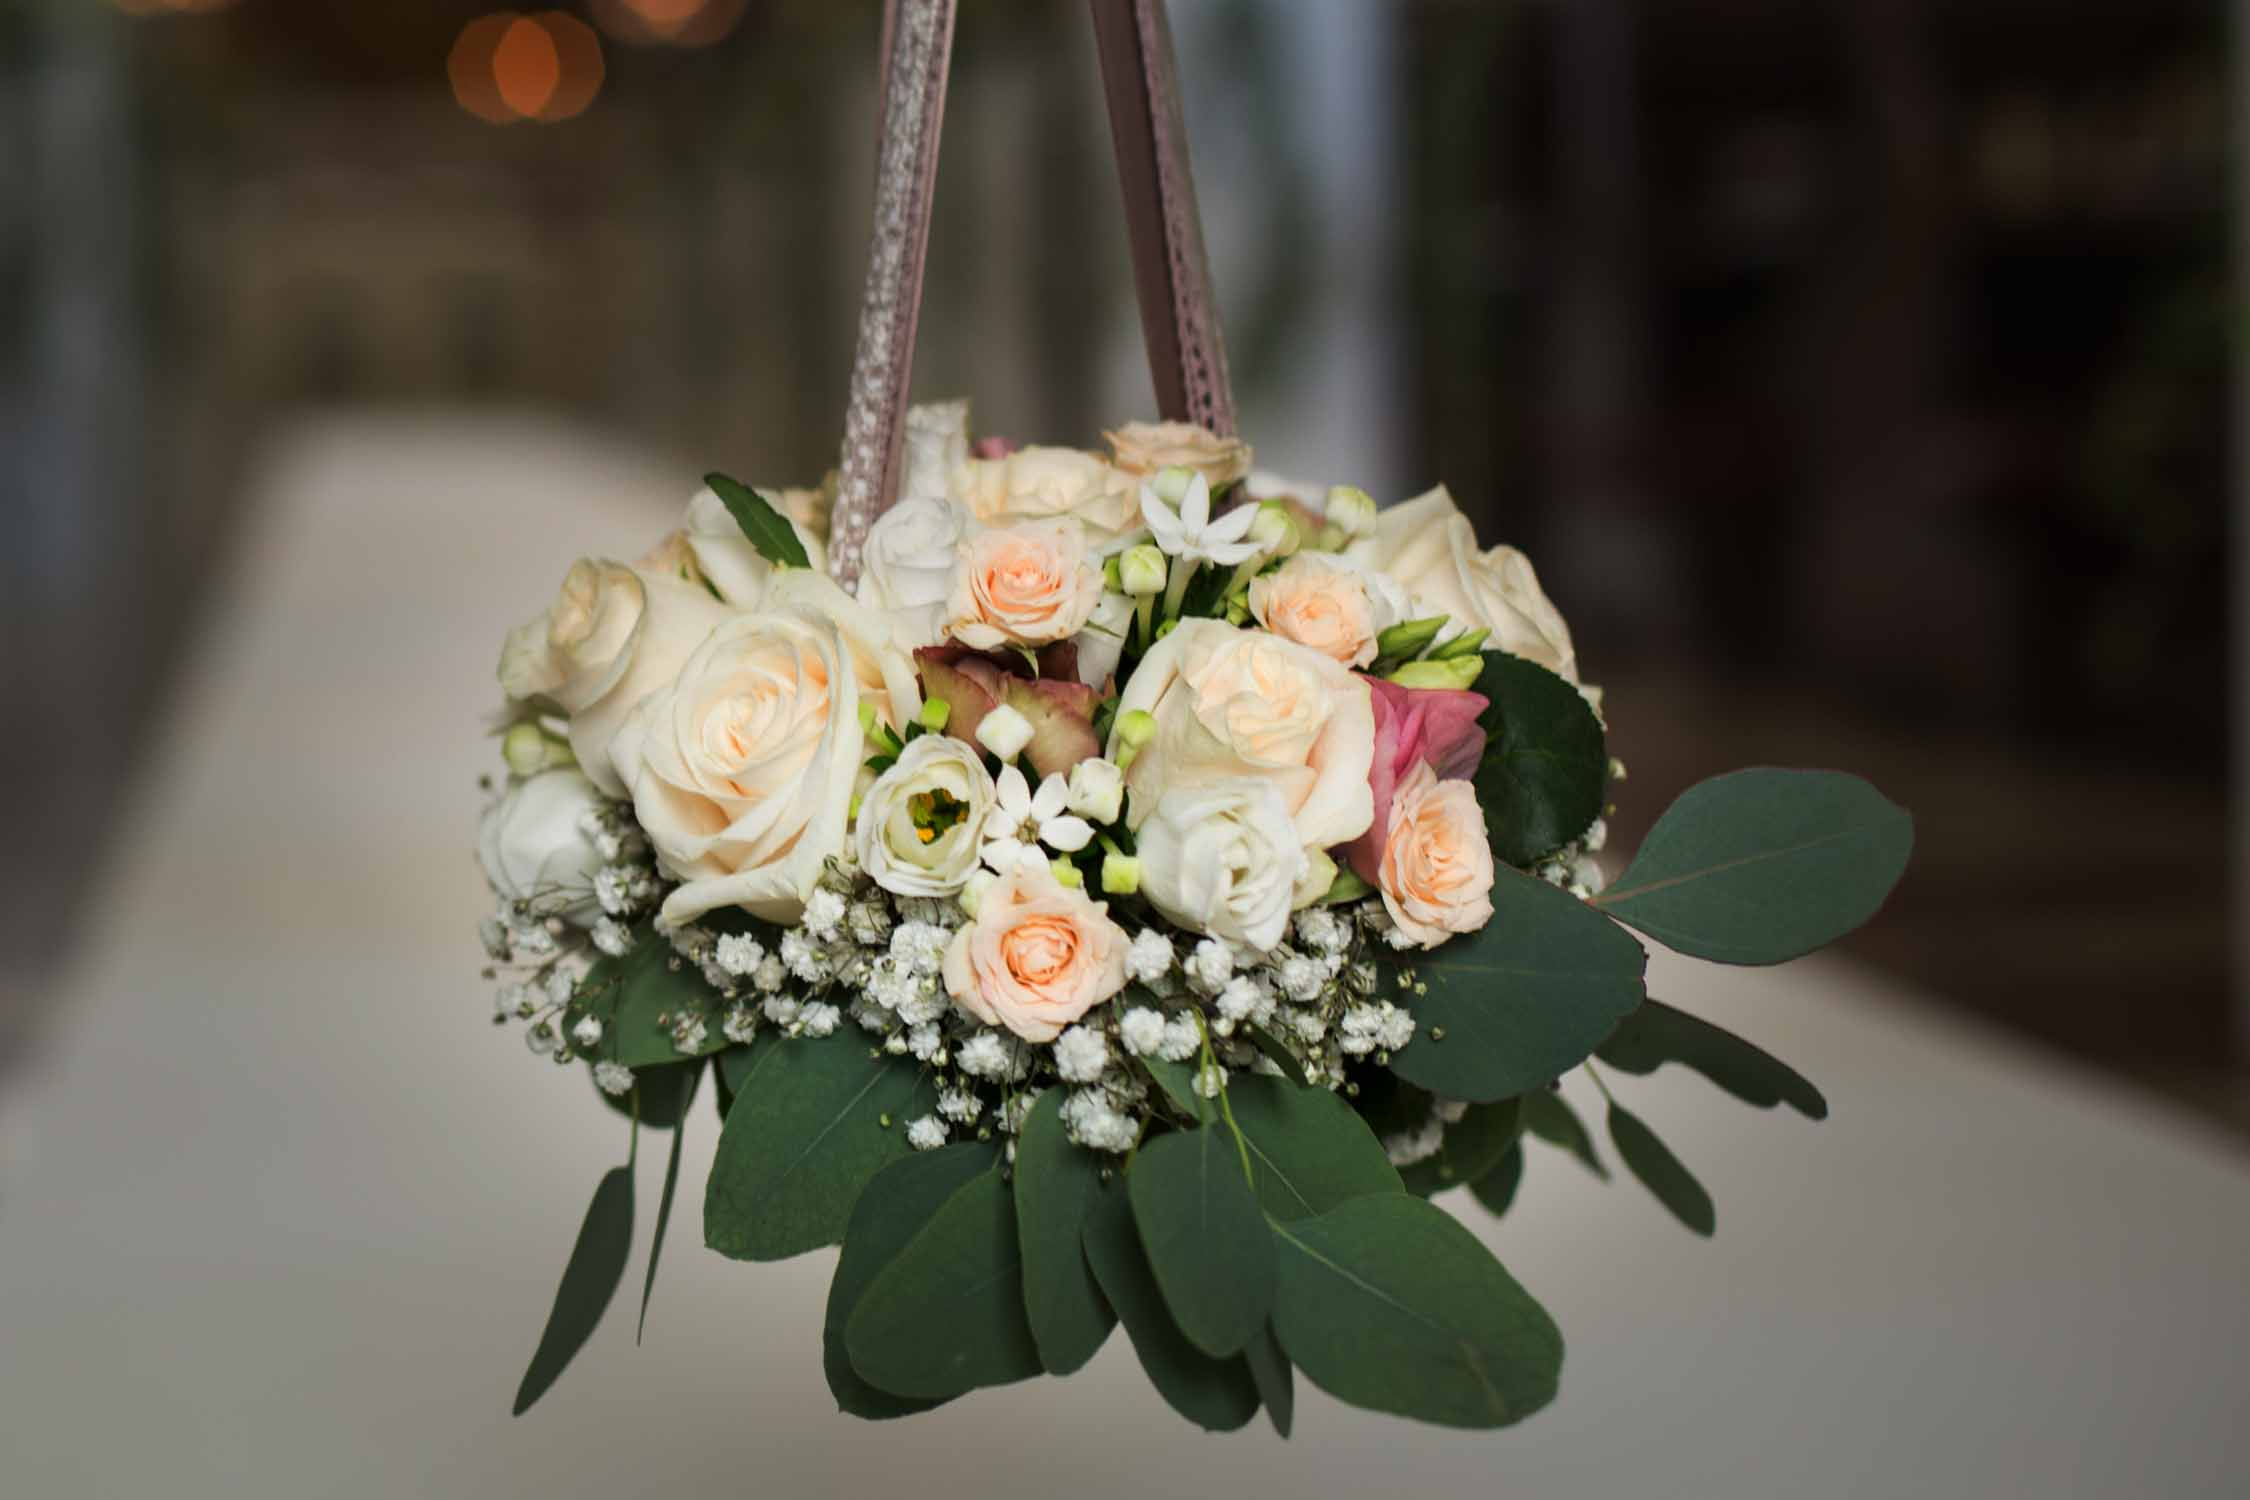 Matrimonio Toscana Prezzi : Fotografo matrimonio prezzi e riflessioni ⋆ fotografa